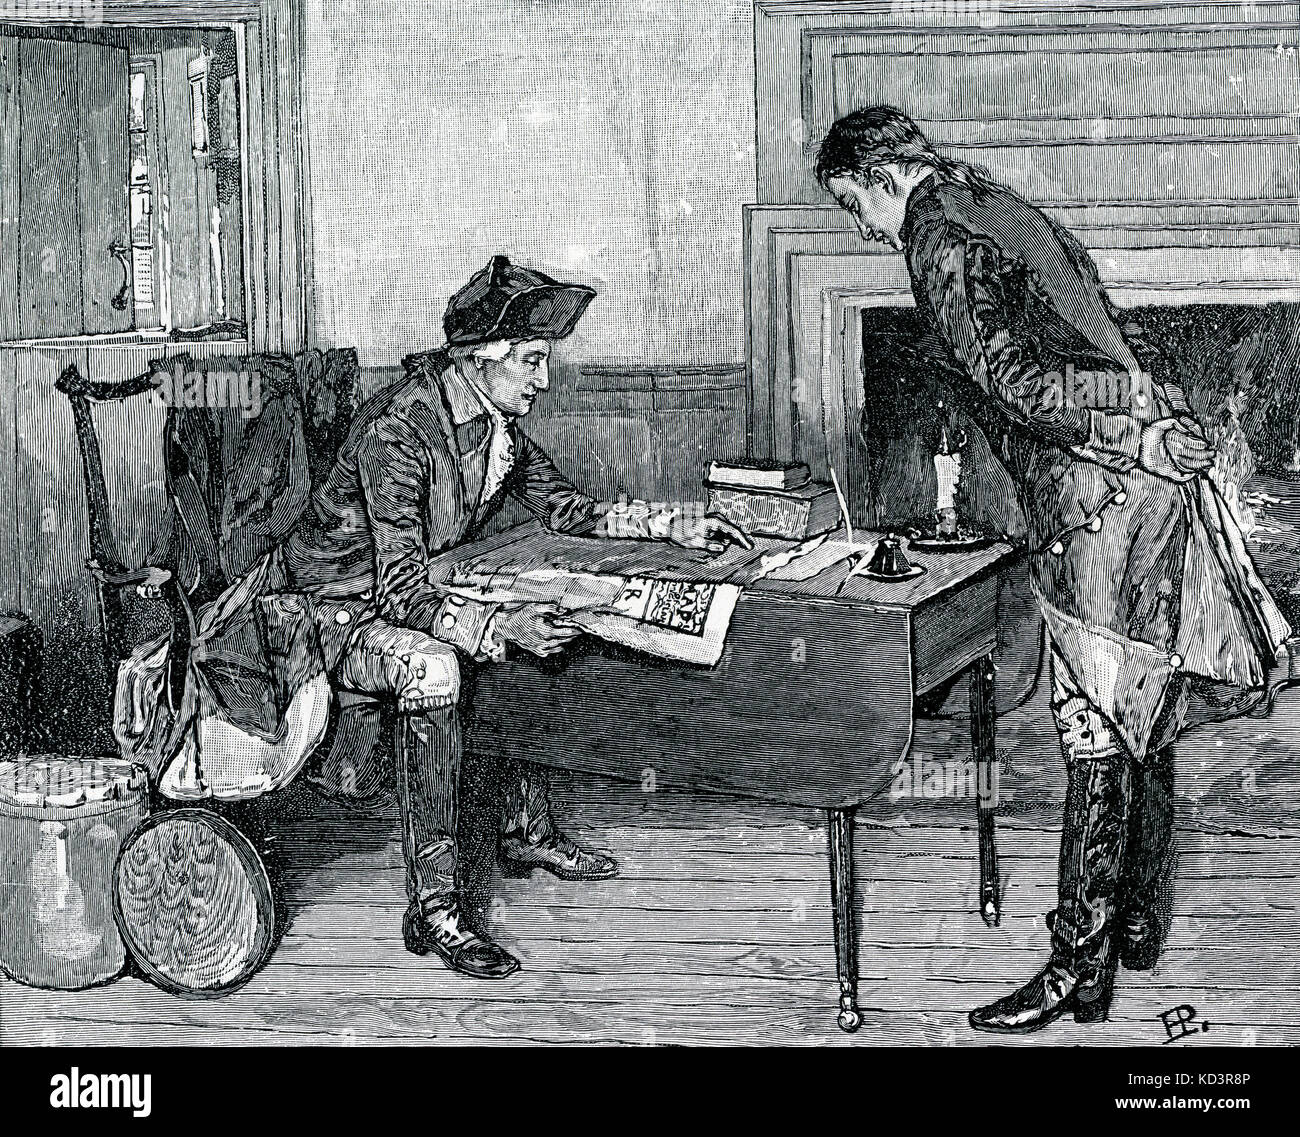 Nathan Hale reçoit des ordres de George Washington avant de s'installer pour espionner sur le camp britannique. Révolution américaine. Illustration de Howard Pyle, 1901 Banque D'Images